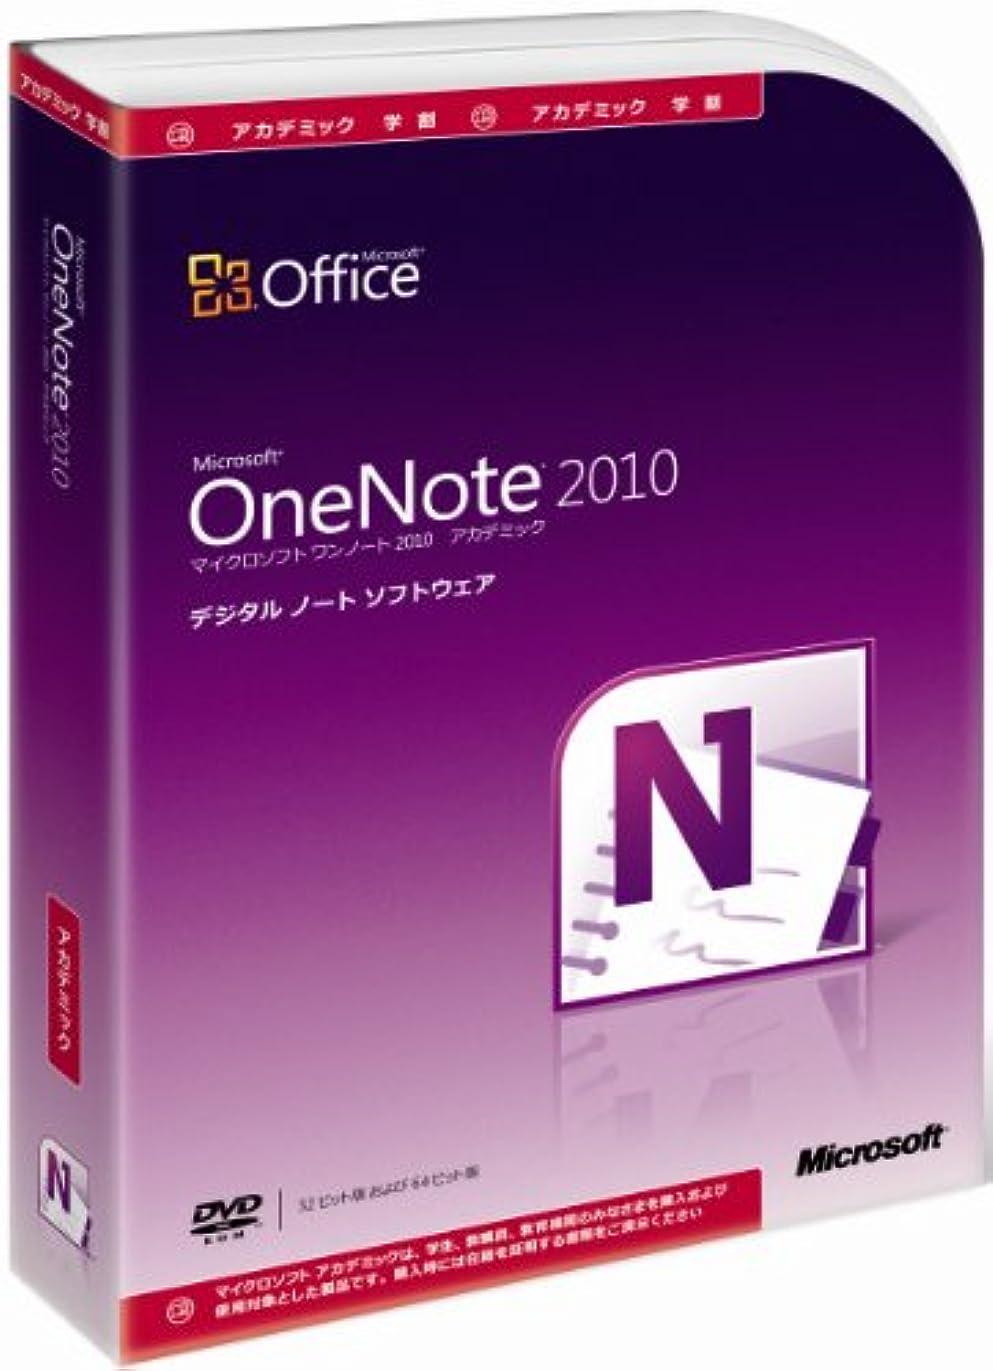 腐った幻滅湿度【旧商品】Microsoft Office OneNote 2010 アカデミック